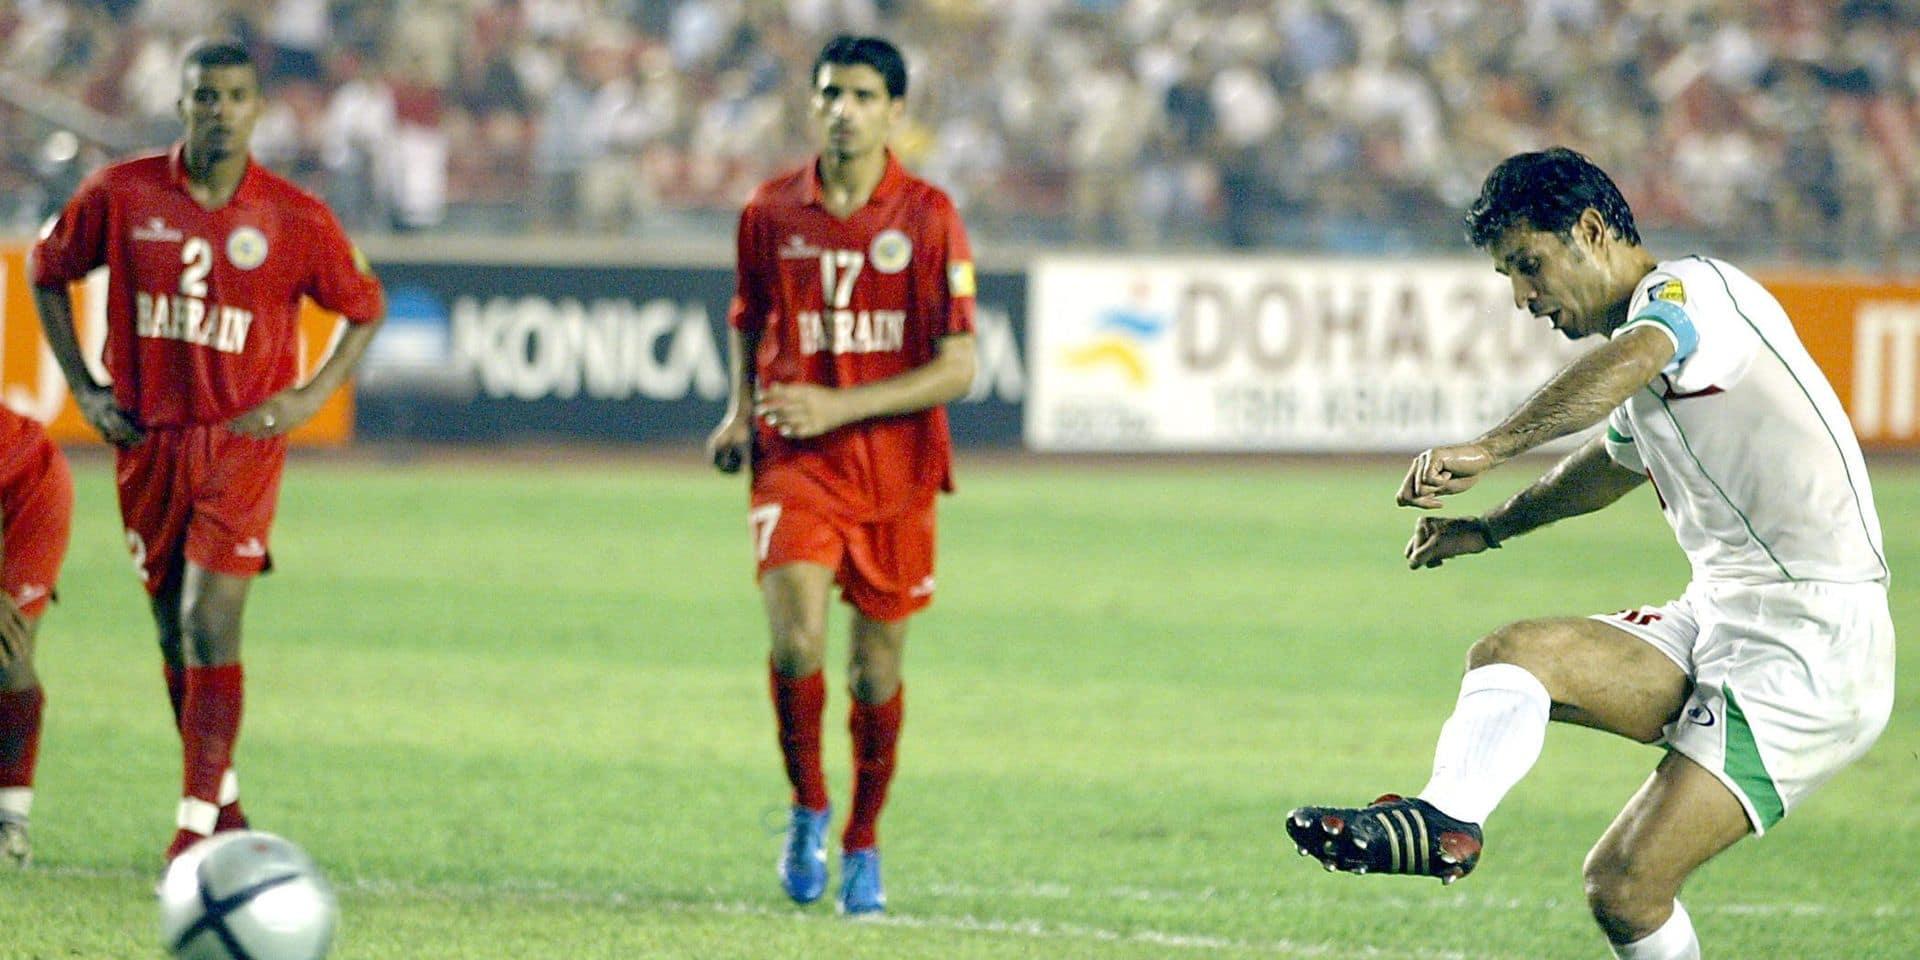 """Ali Daei félicite Ronaldo, qui a égalé son record de buts en sélection: """"Un grand champion de football et un humaniste attentionné"""""""